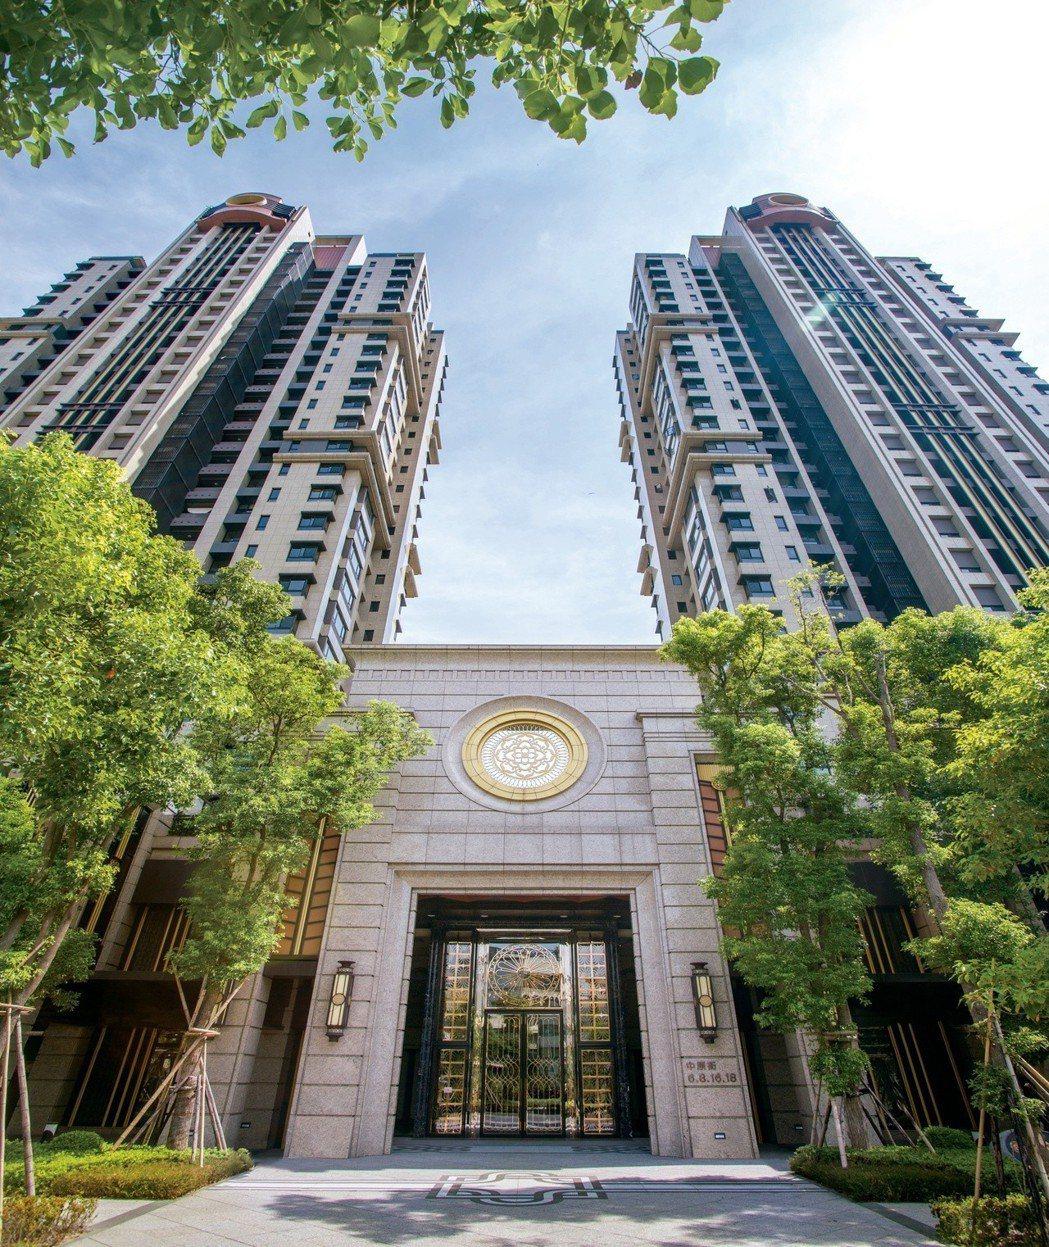 「香榭園」是遠雄左岸最大的豪宅建案,吸引許多台北市專業經理人、醫生、退休族、企業...